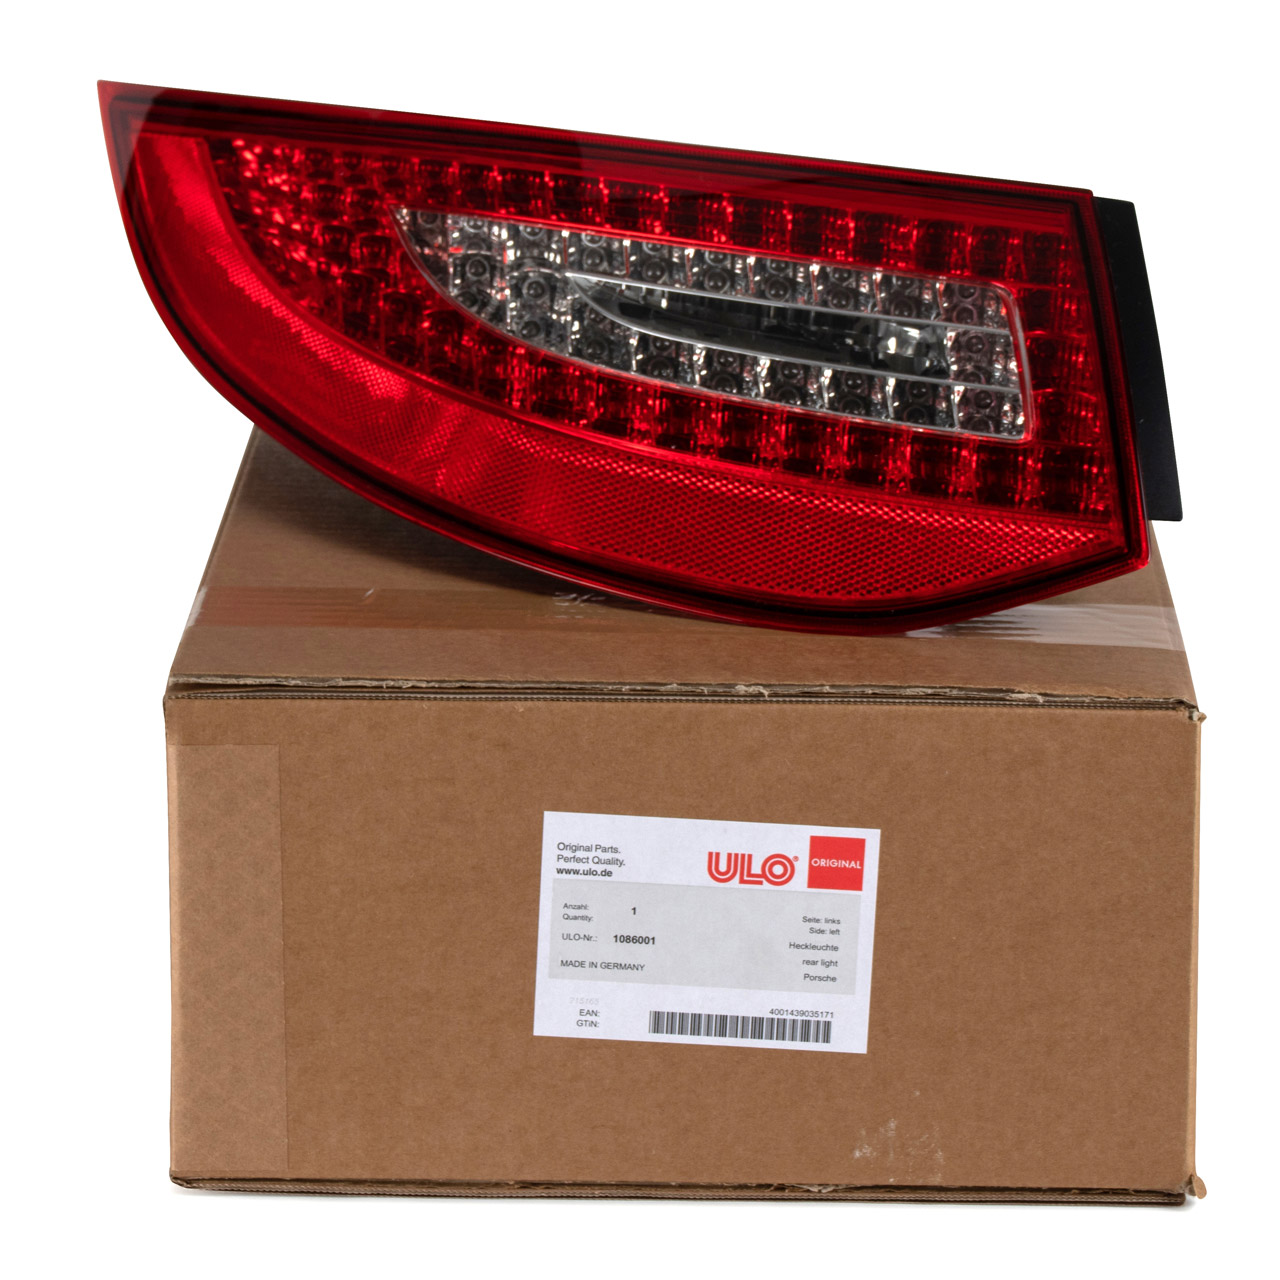 ULO Heckleuchte Rücklicht LED EU-Version für PORSCHE 997 FACELIFT ab 2008 links